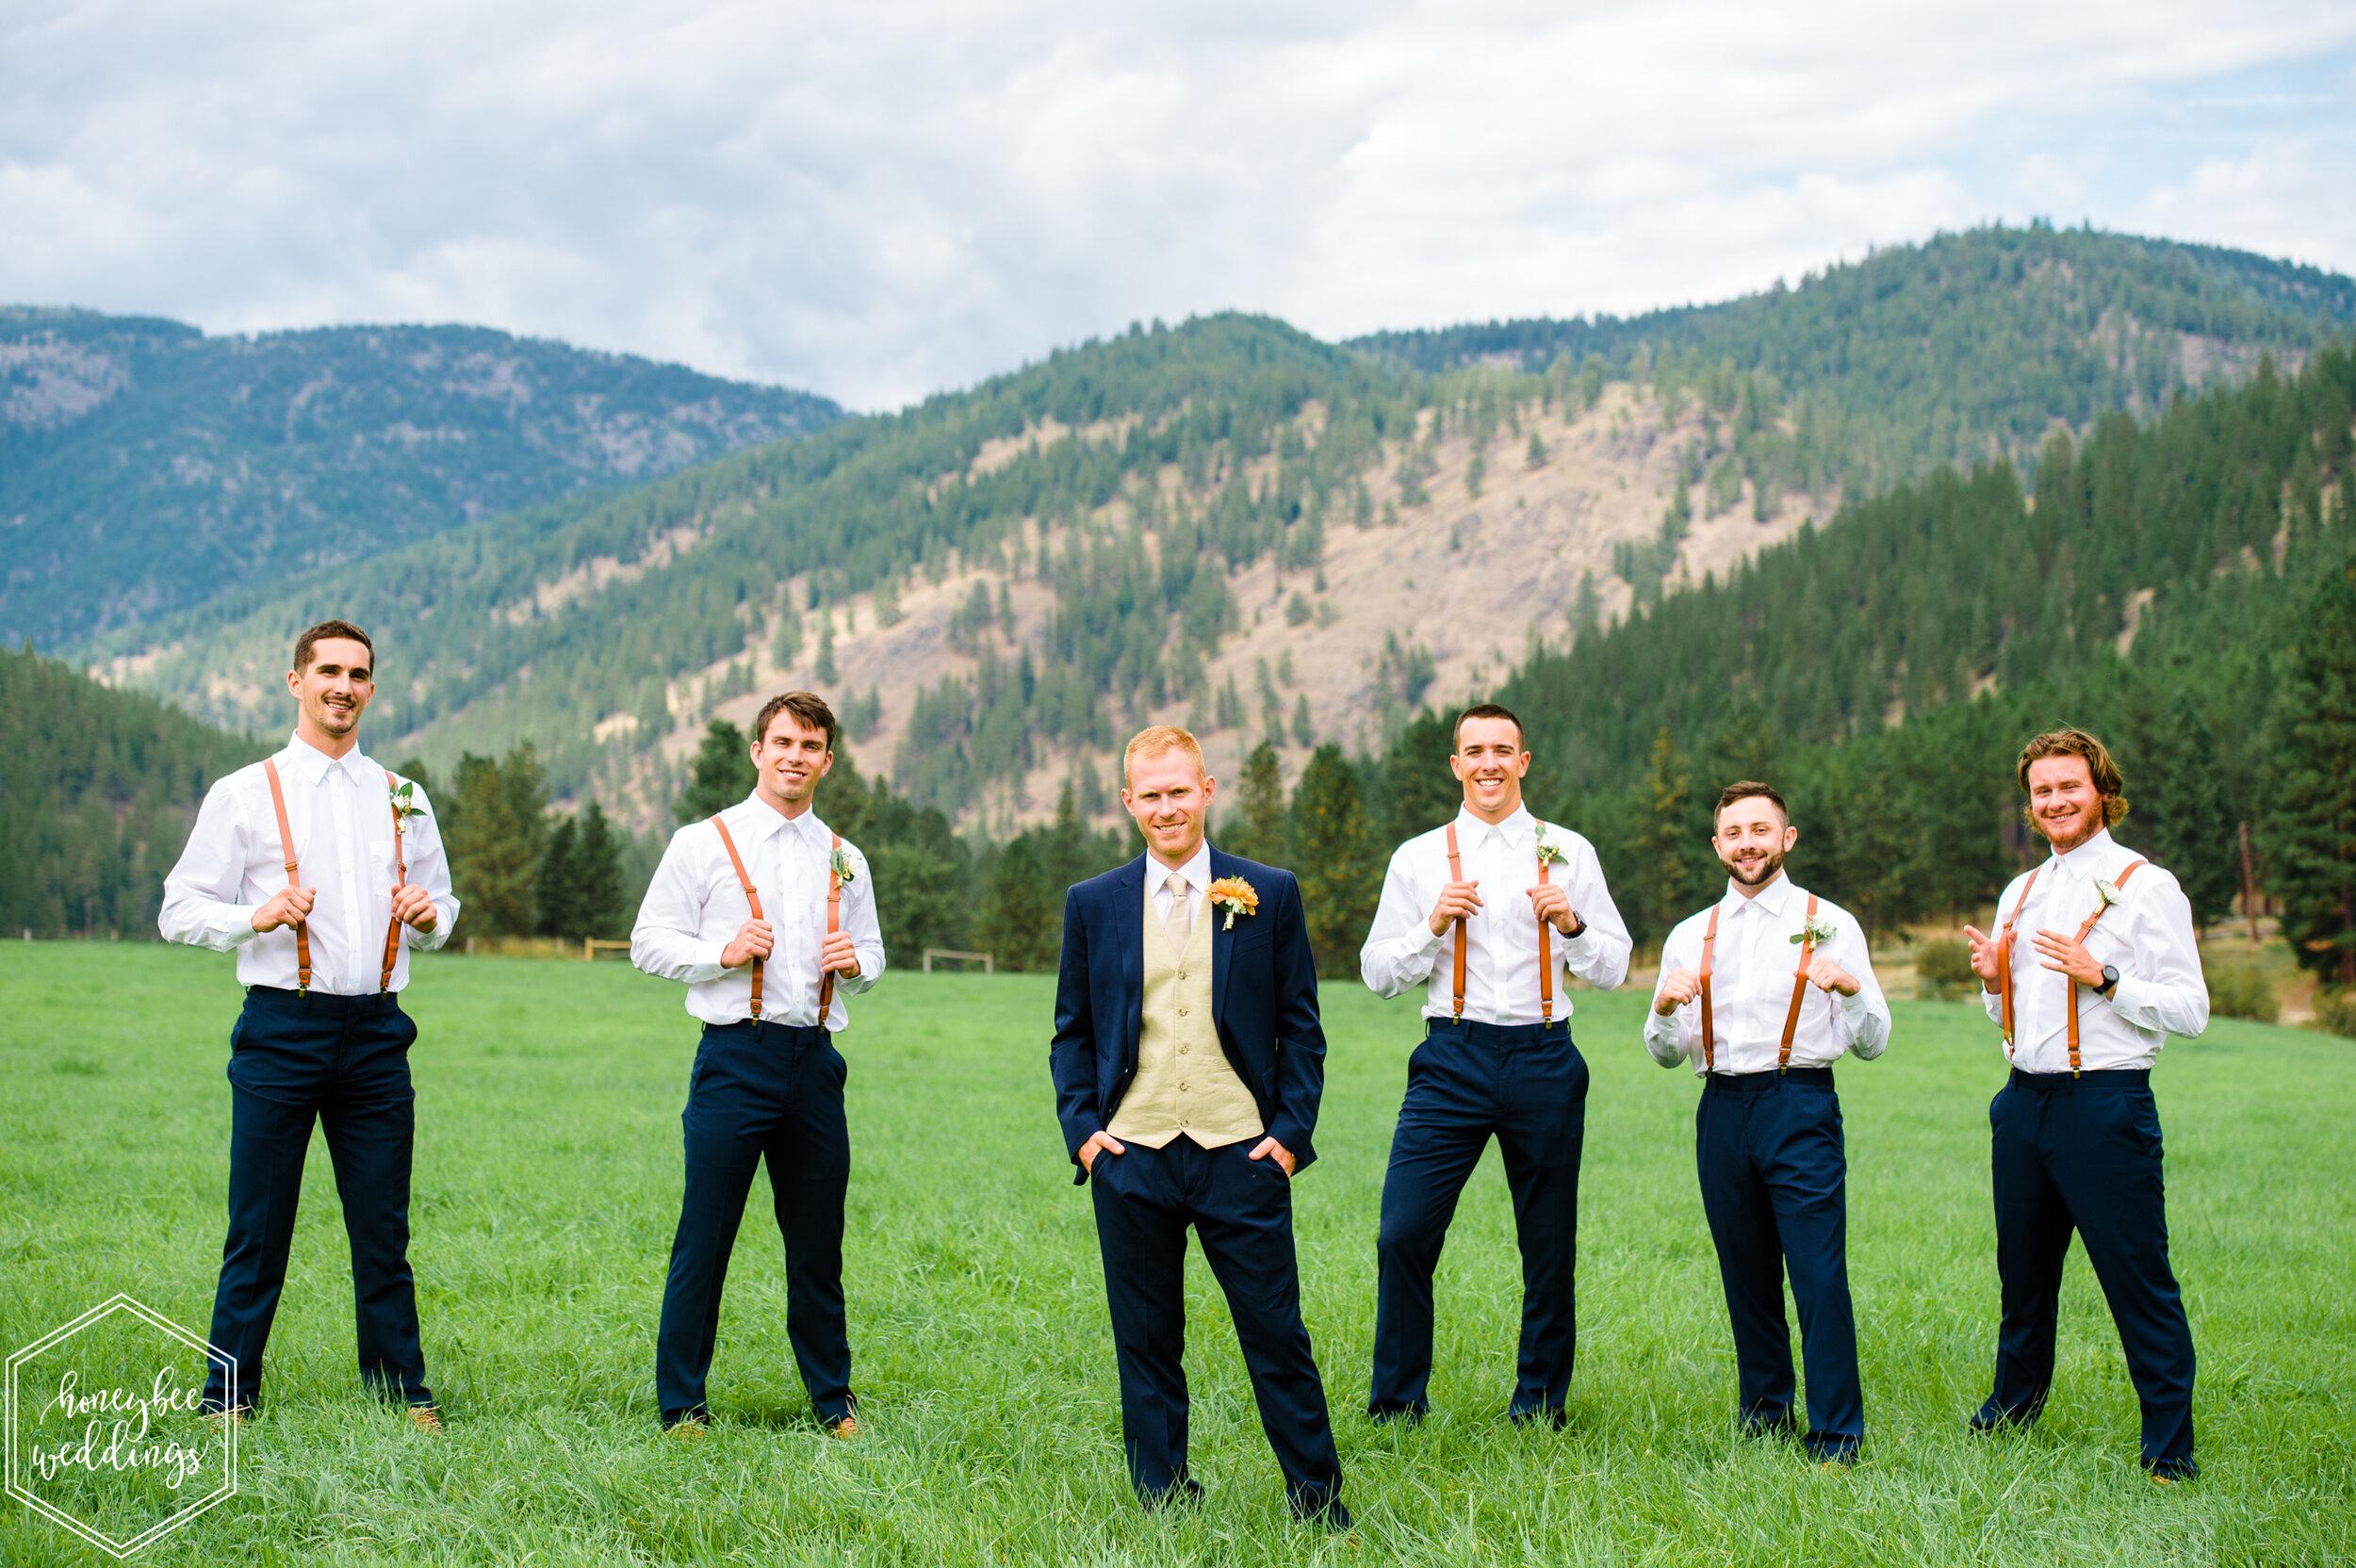 060Seven Mile Meadows Wedding_Montana Wedding Photographer_Jamie & Wes_Honeybee Weddings_September 07, 2019-212.jpg